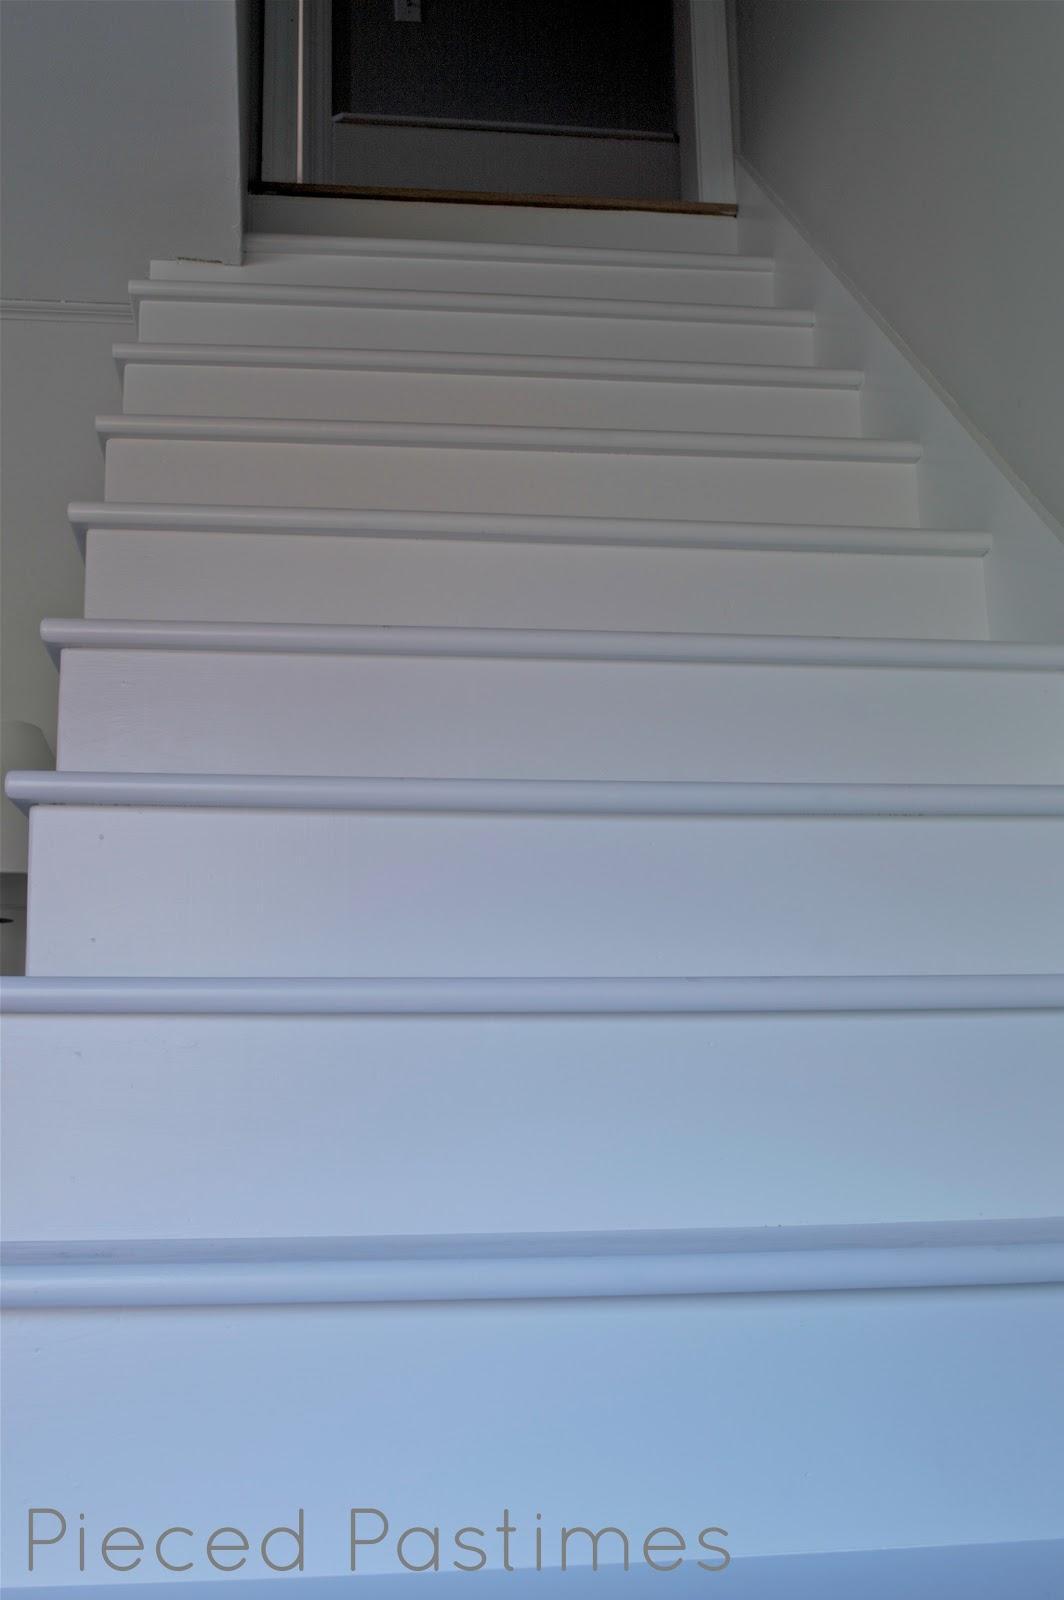 Malowany chodnik do samodzielnego montażu